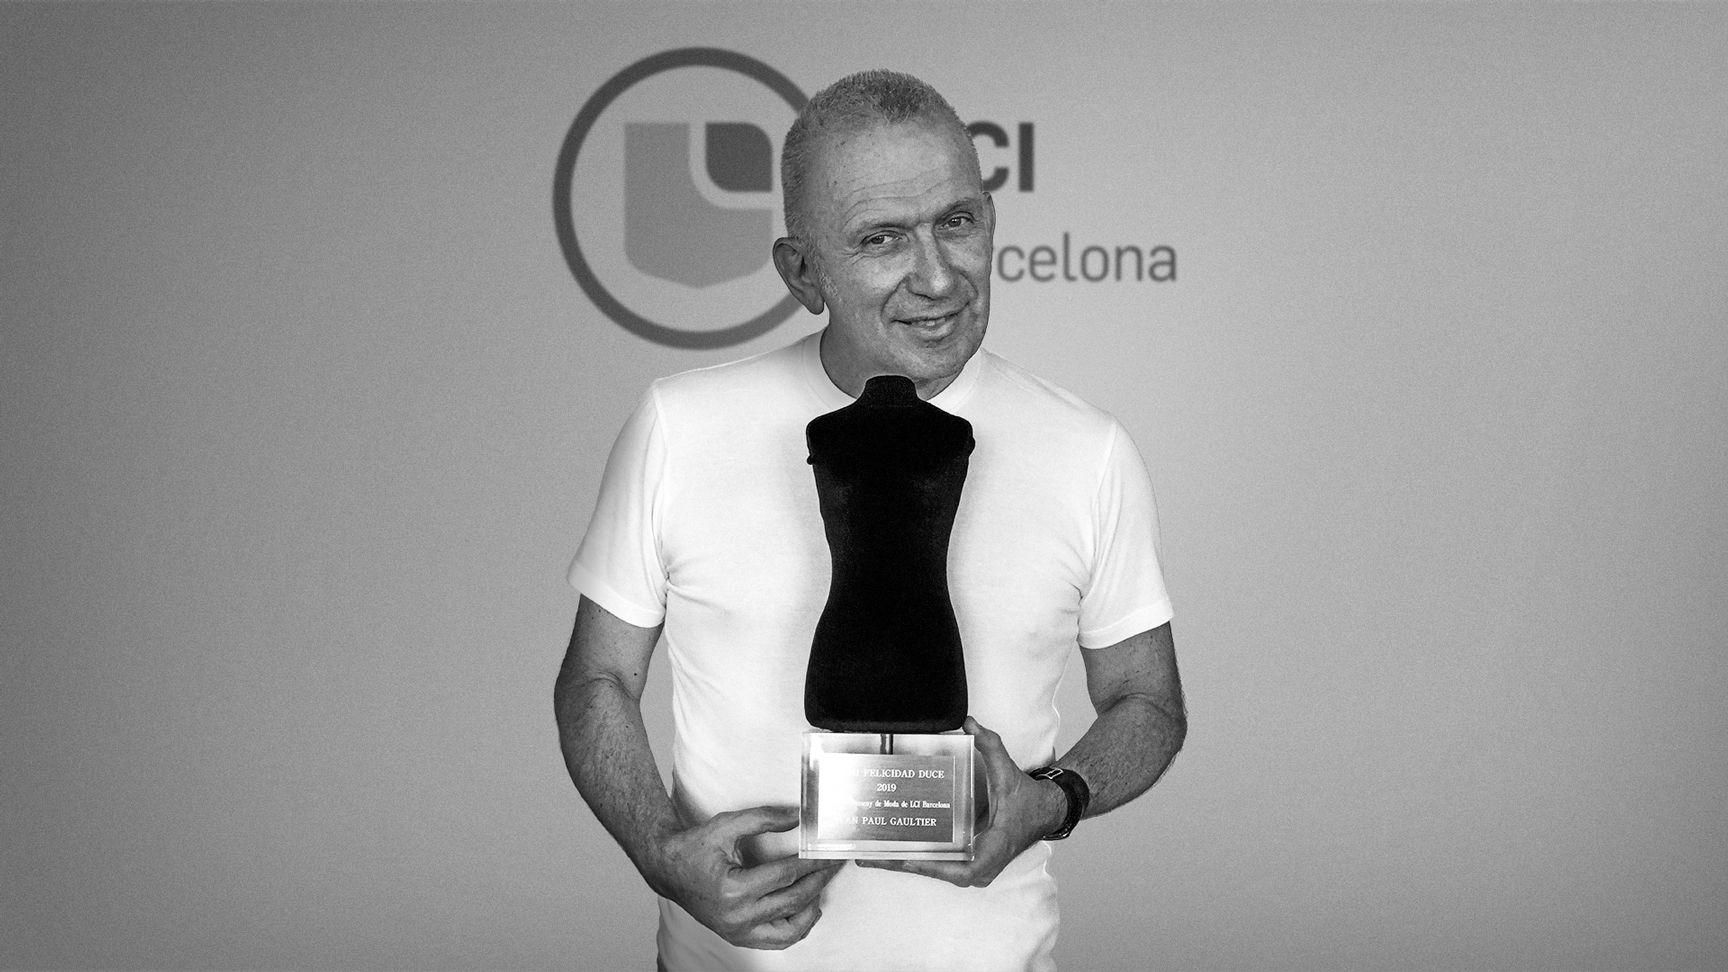 Foto de Jean Paul Gaultier recibiendo el Premio Felicidad Duce